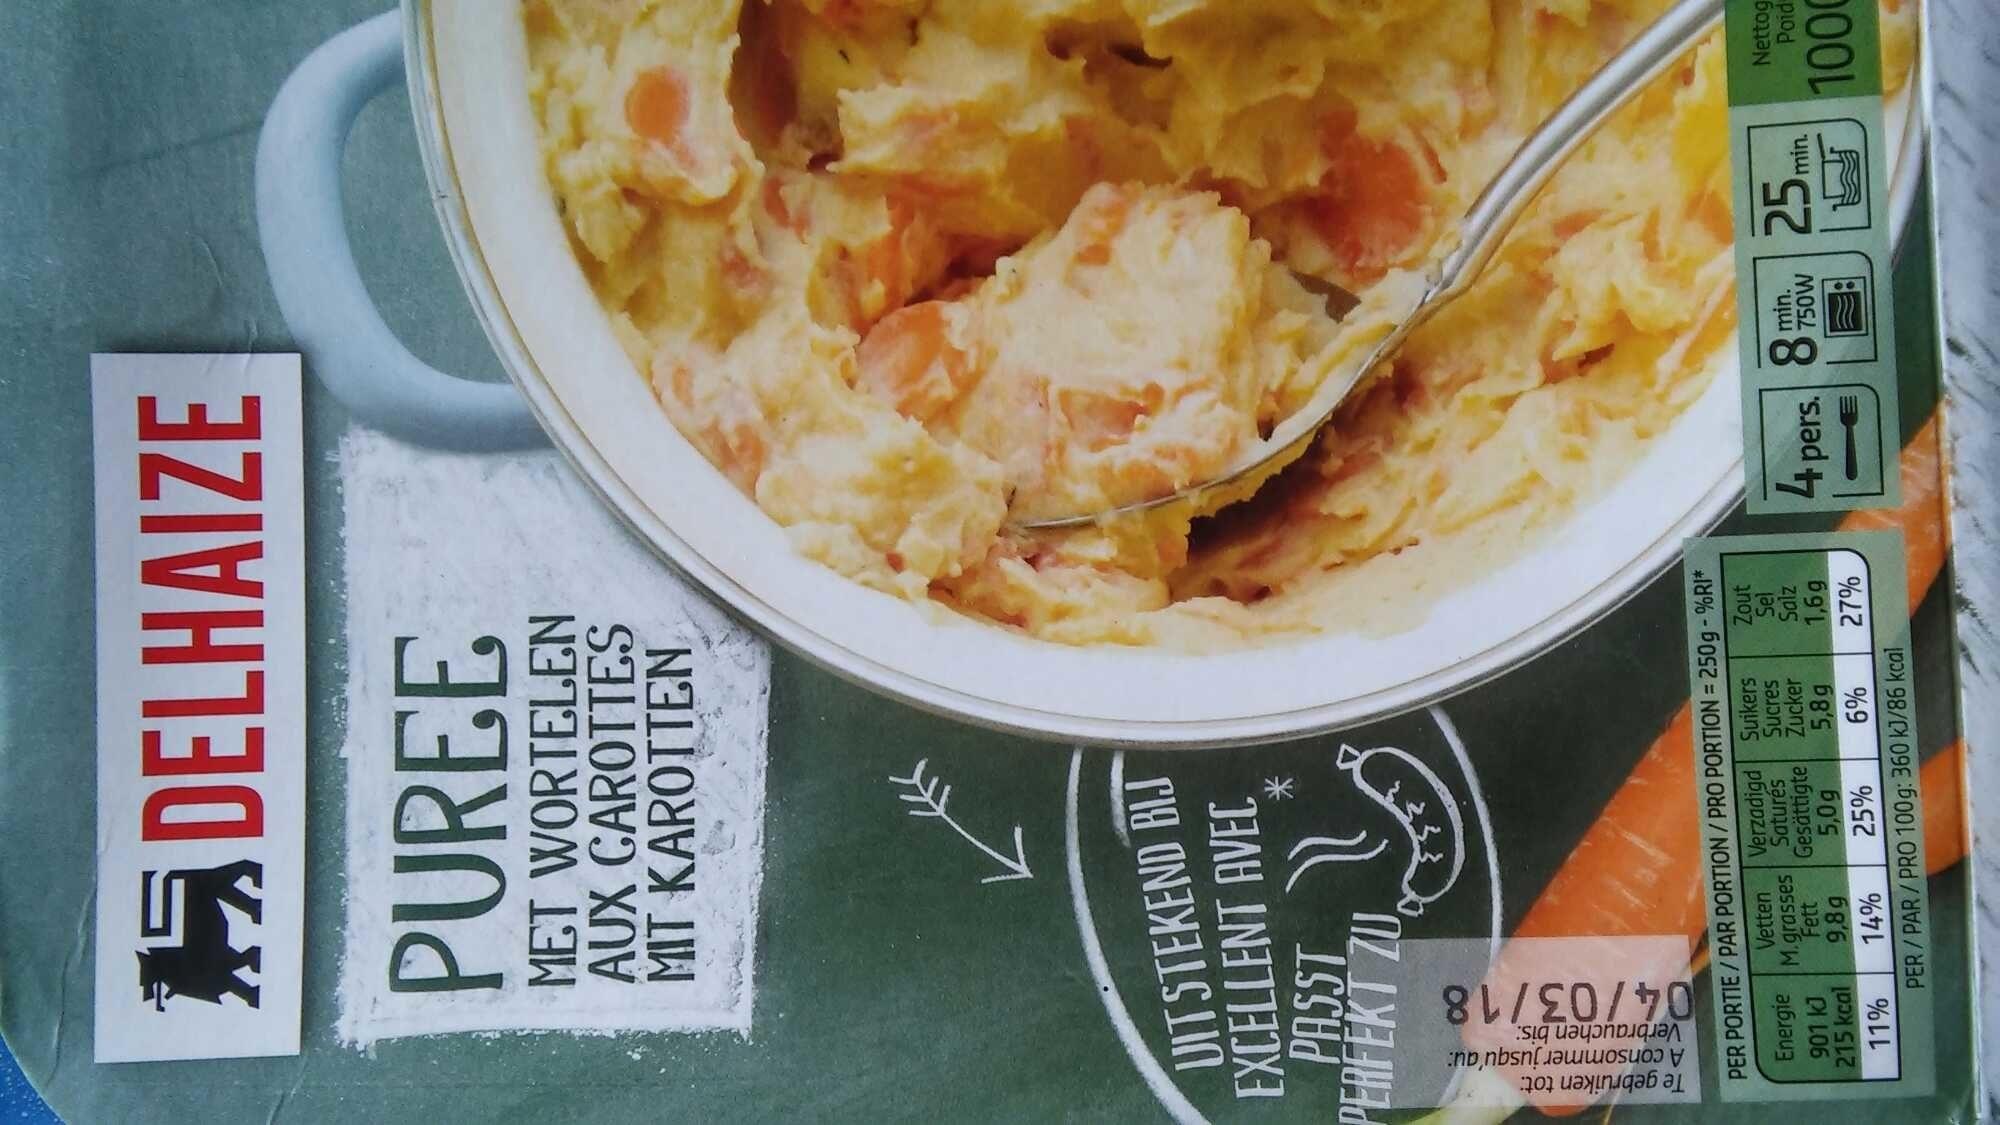 Puree met wortelen - Product - nl